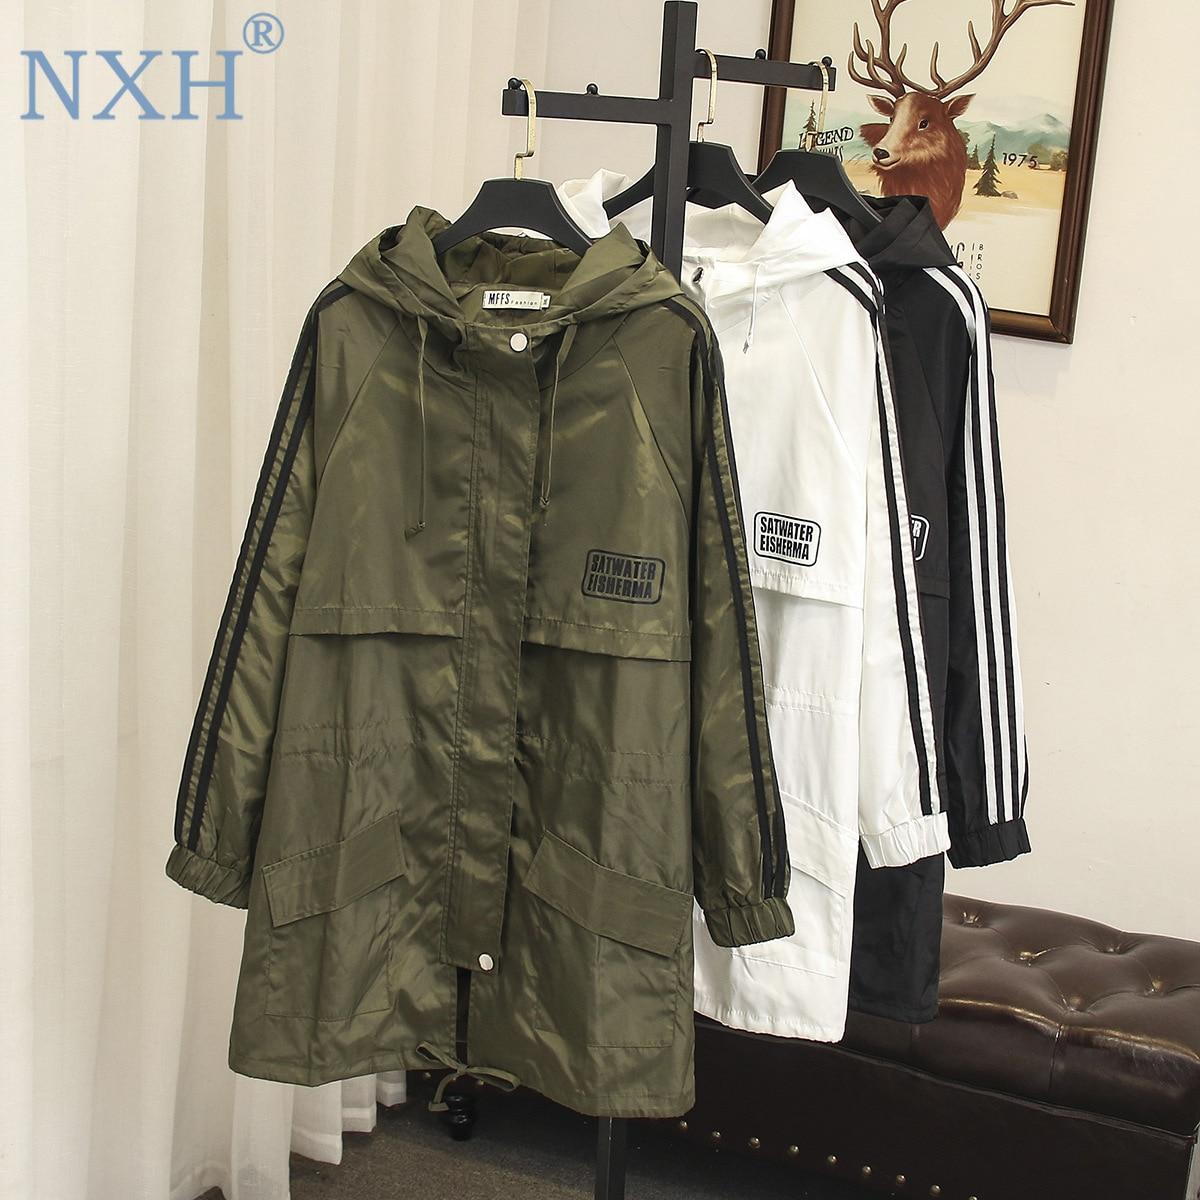 Tamanho grande trincheira blusão com capuz cape mulher roupas longo casaco de trincheira das mulheres do sexo feminino solto plus size outwear casaco espanador